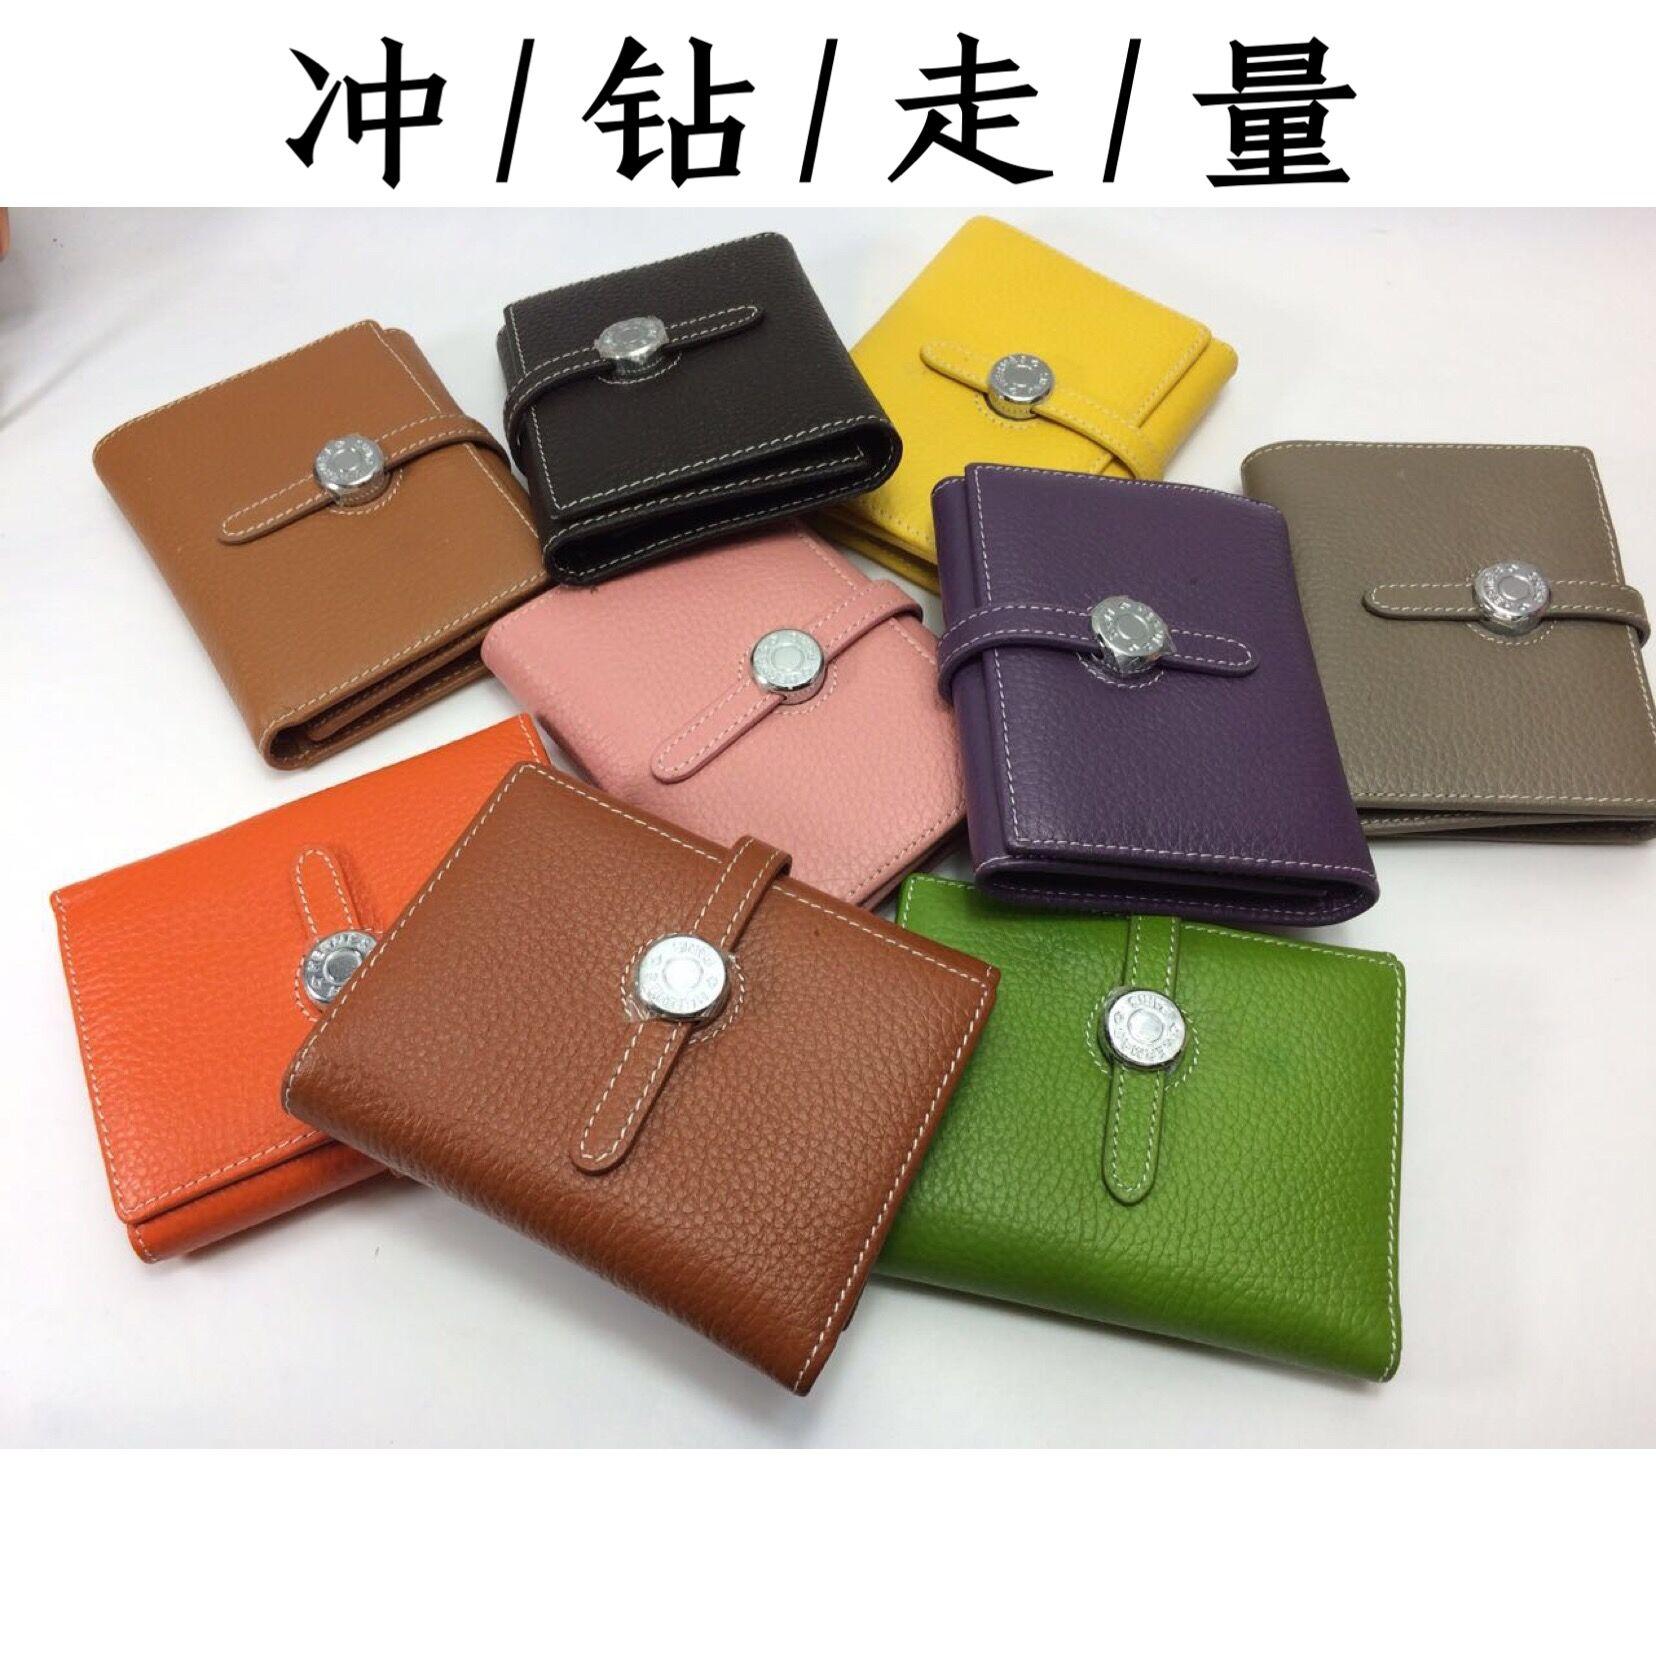 Кожа короткие твердые 30 процентов женщин и мужчин бумажник крест пакет раздела о влюбленных карты пряжки корейской версии бумажник